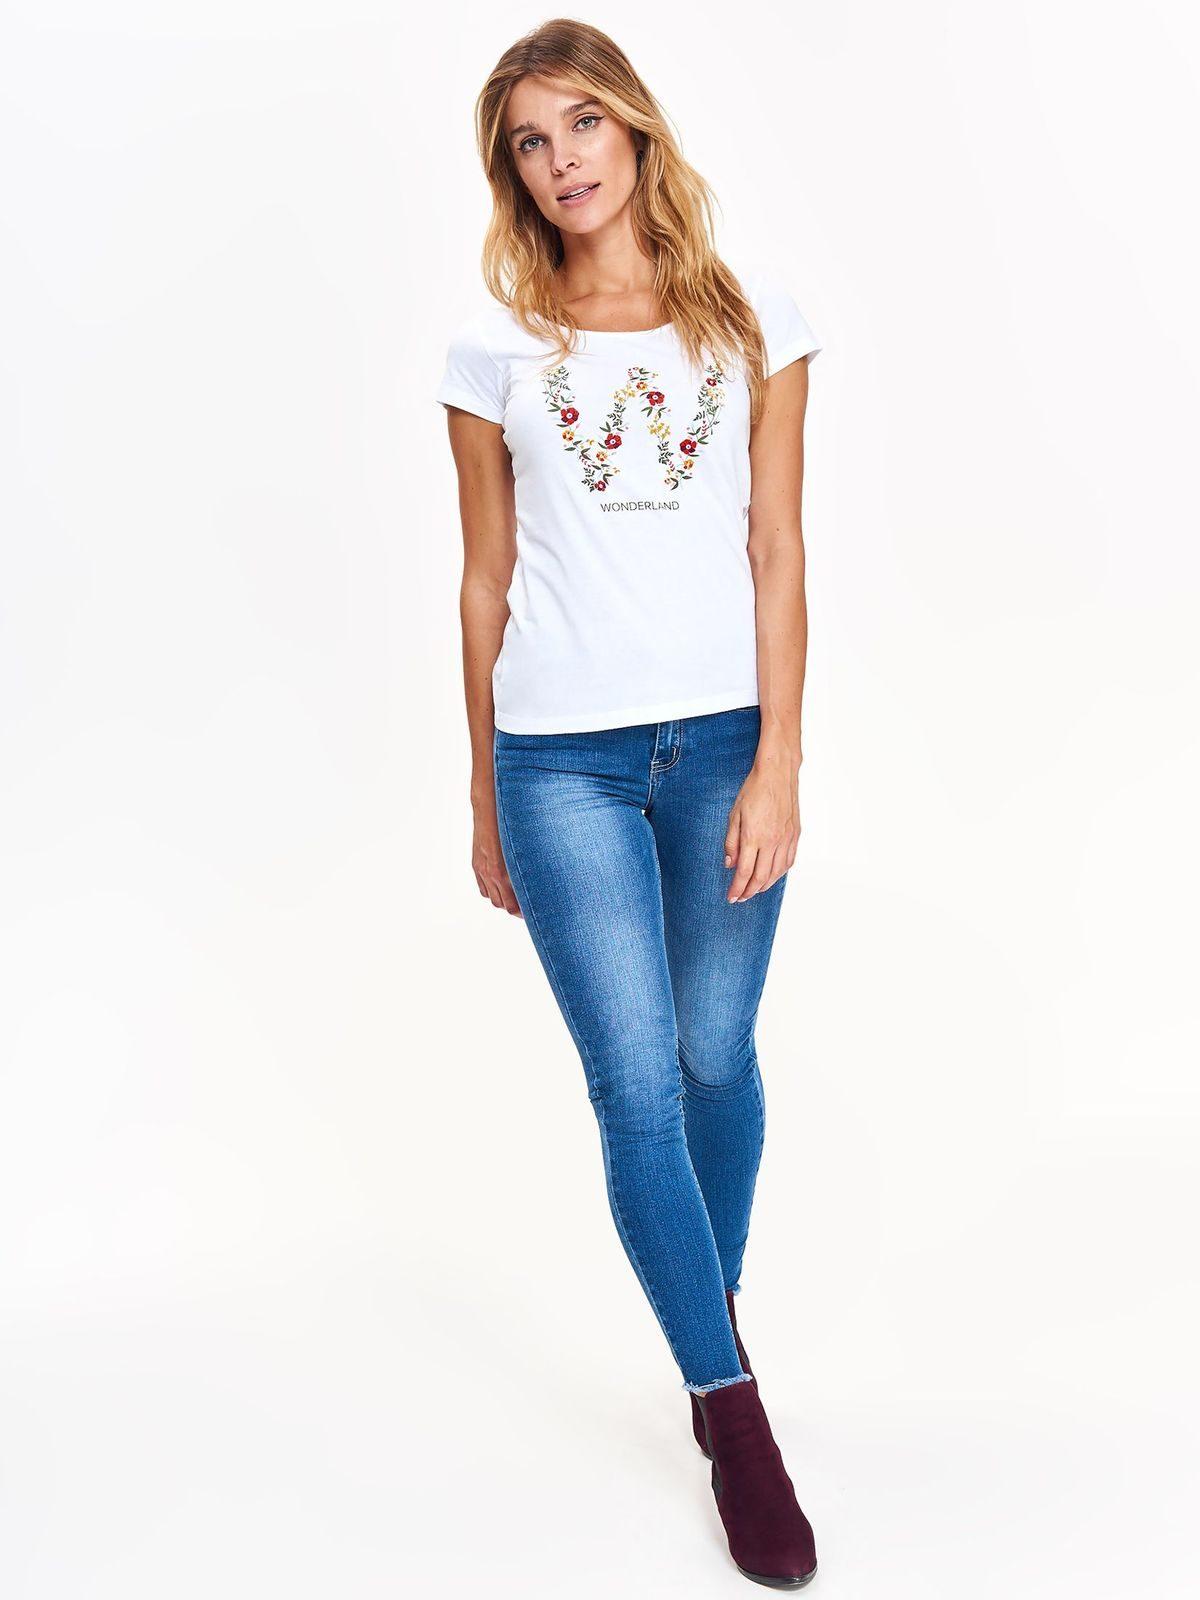 Tričko s krátkym rukávom biele s potlačou kvetín  ad11f321f68